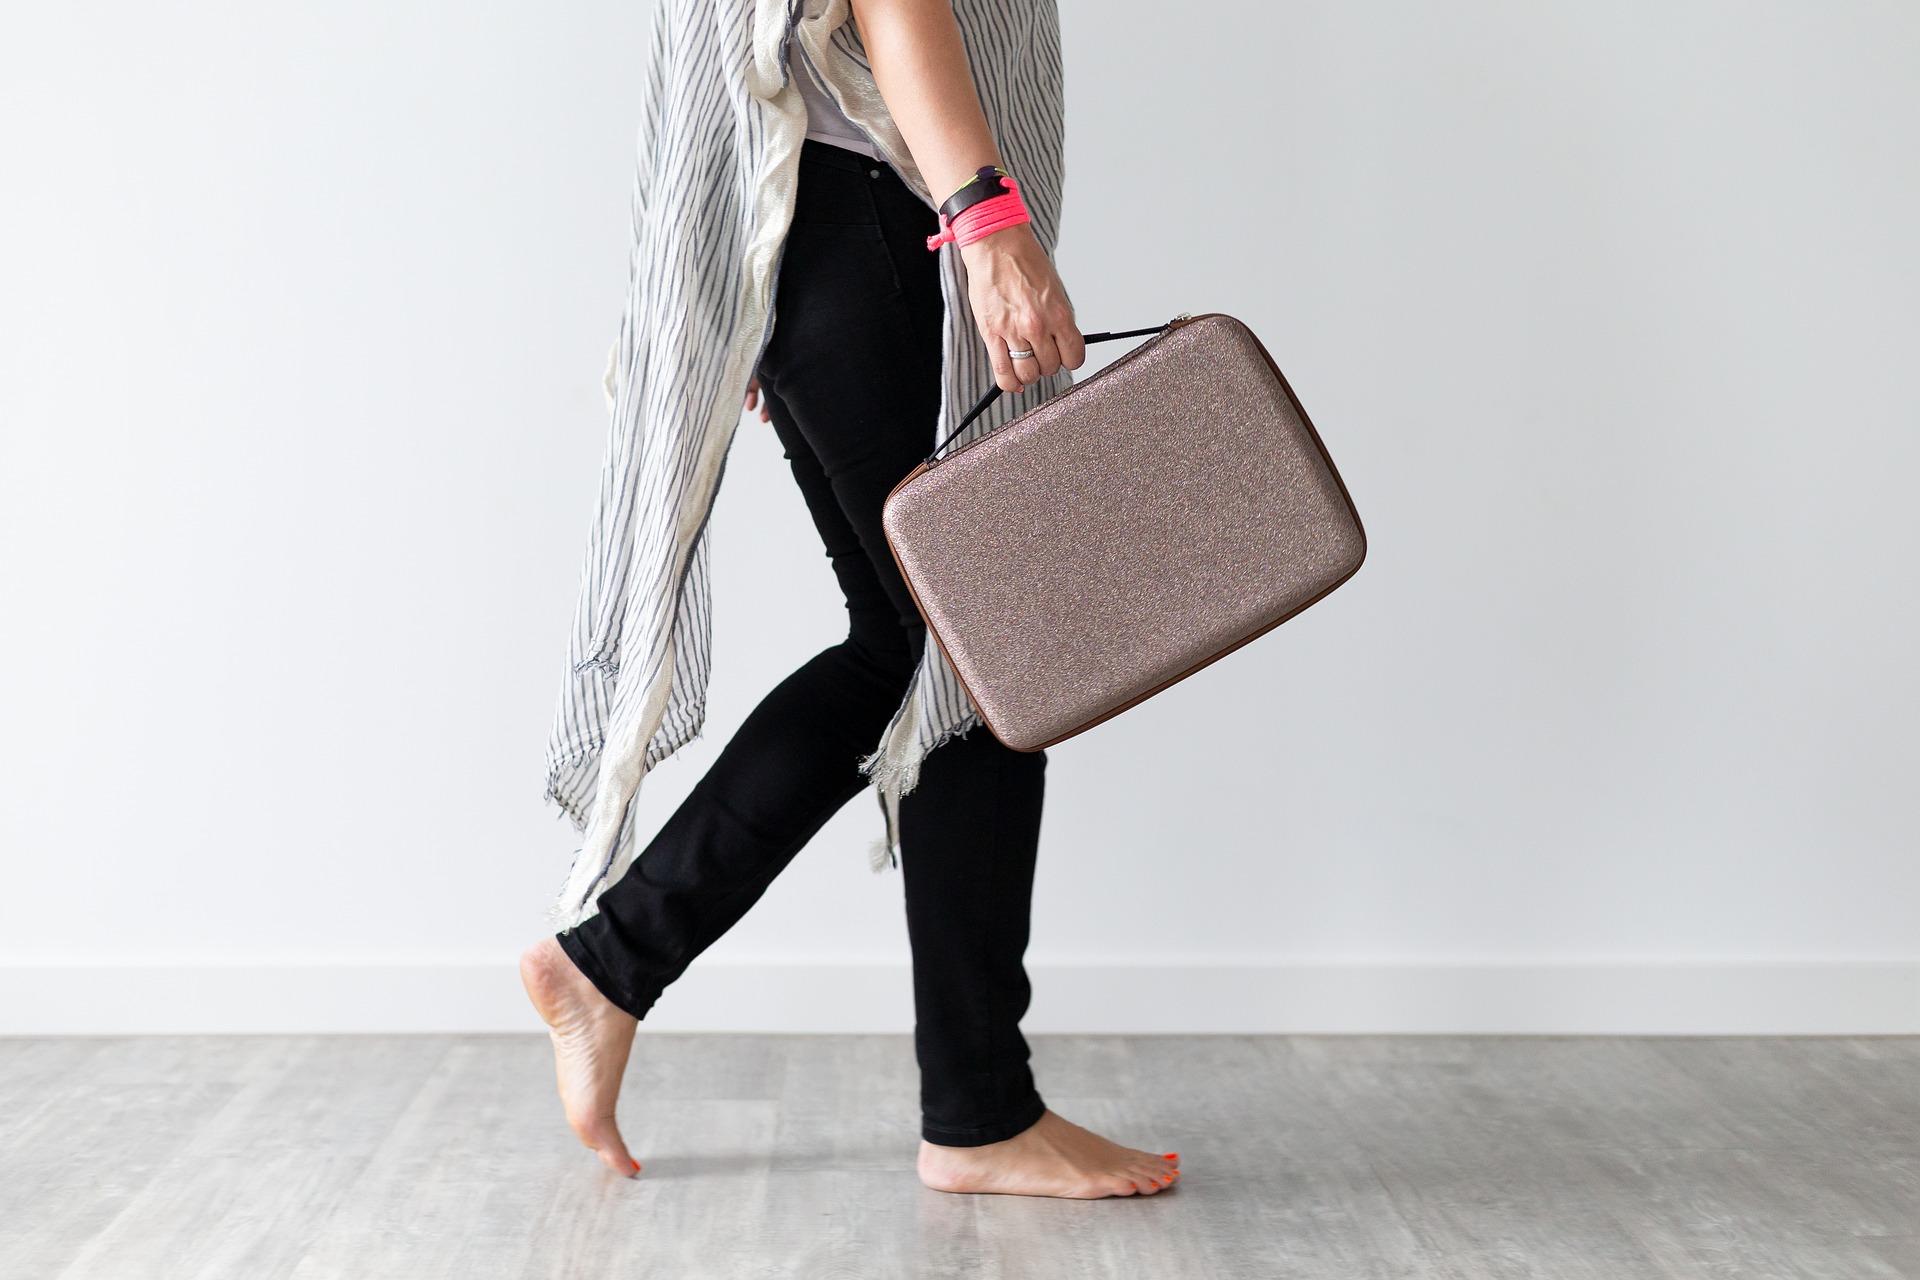 【転職面接】バッグ選びのポイントと面接に向かないNGバッグとは?の画像4